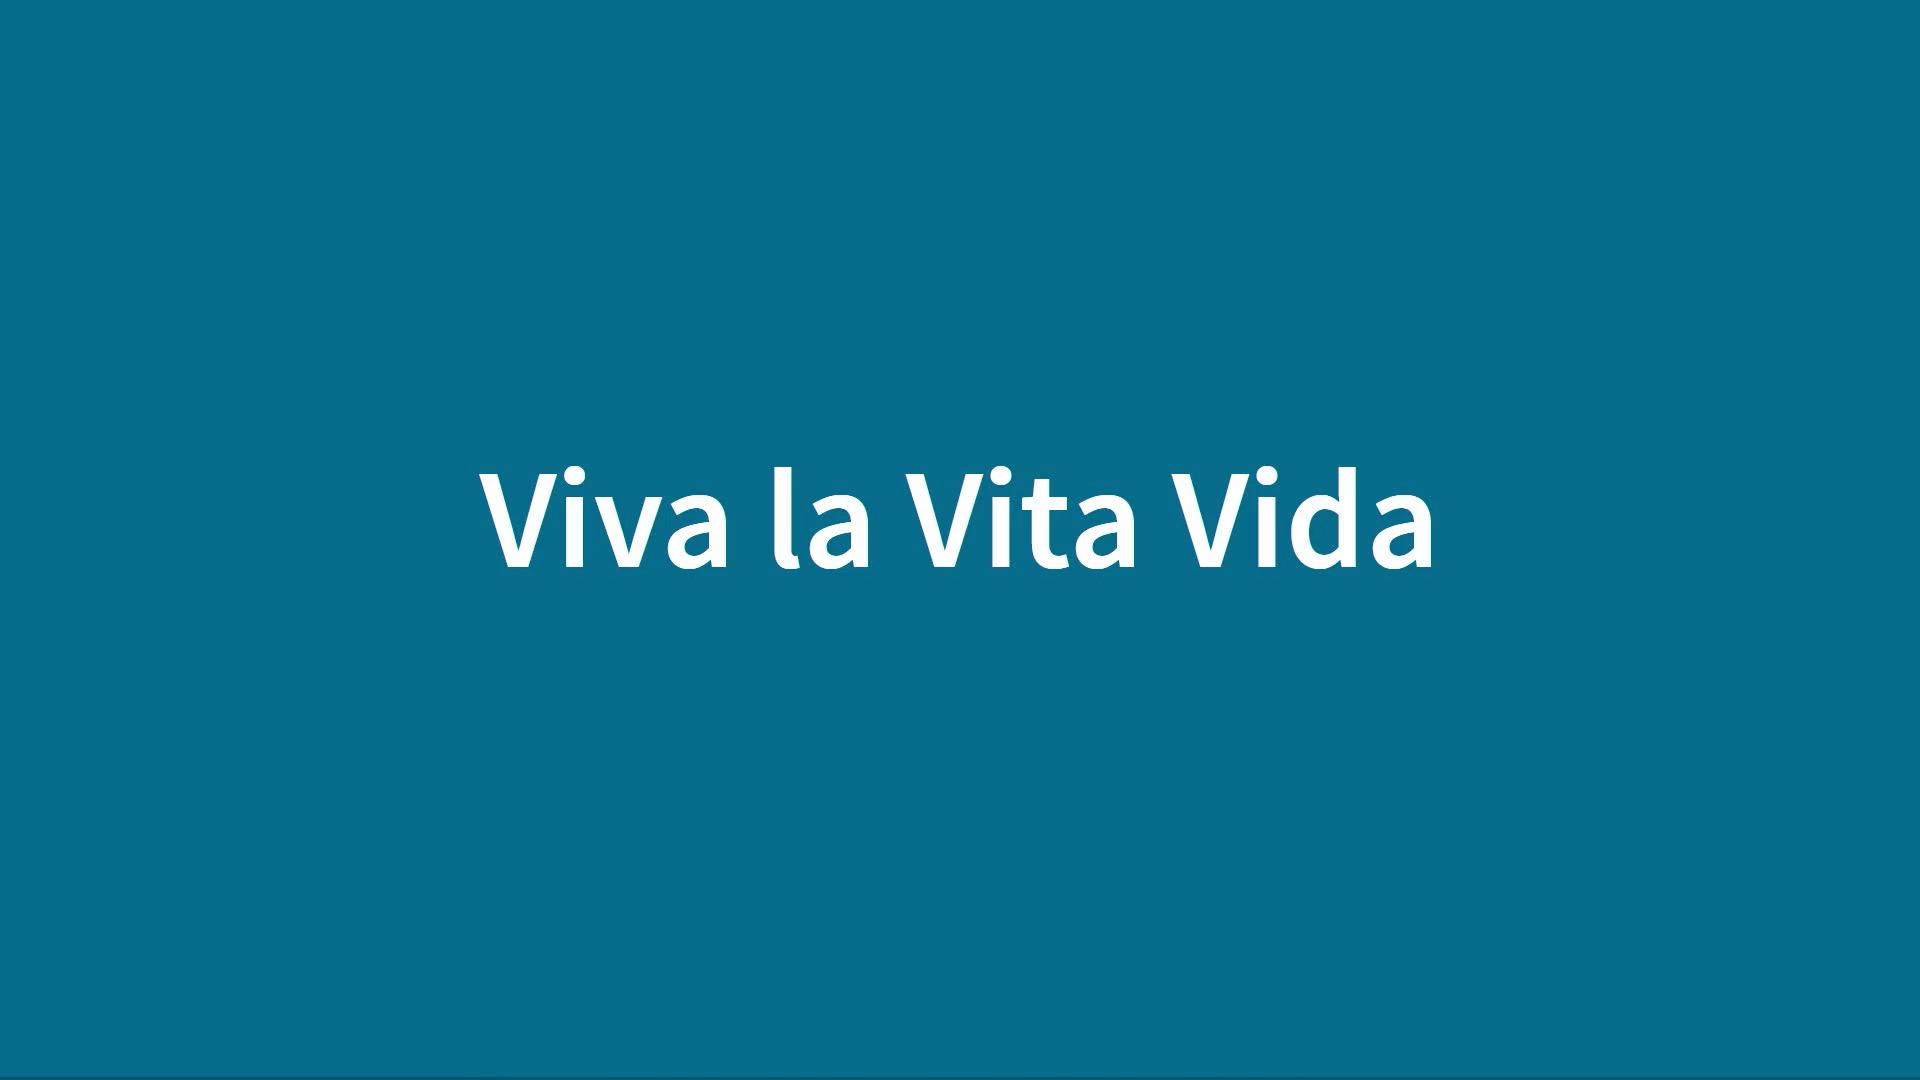 01 - Vita la Vita Vida.jpg